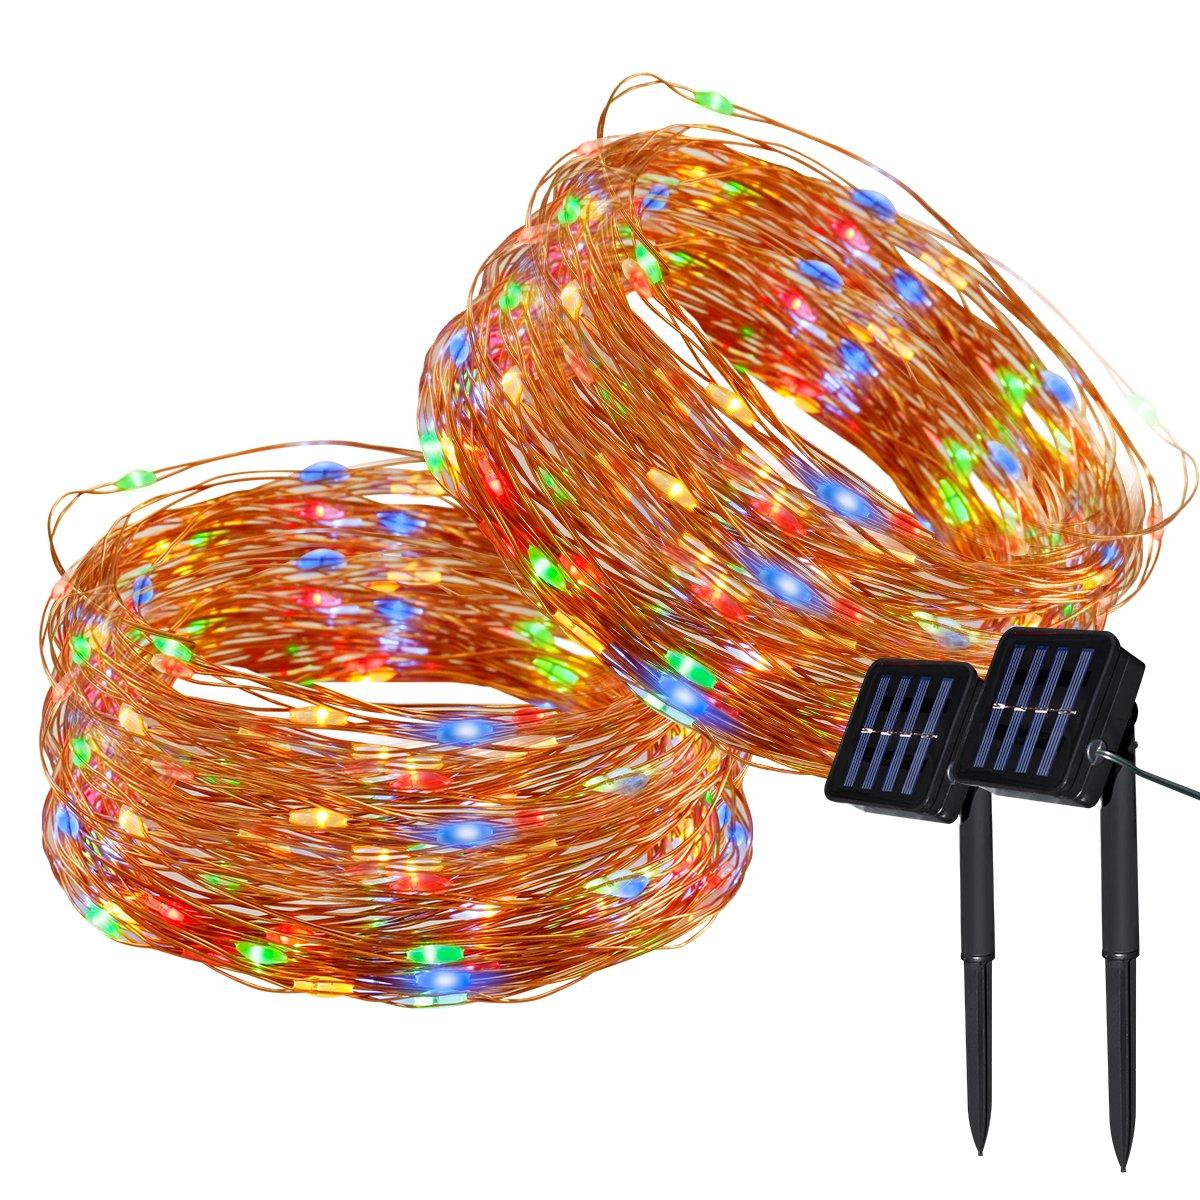 Yasolote 2 PACK Luz Solar 22M 200 LED Guirnalda de Luces 8 Modos de Luces de Alambre de Cobre Impermeable para Decoración de Fiestas, Bodas, Navidad, Exterior e Interior (Blanco Calido) [Clase de eficiencia energética A++]